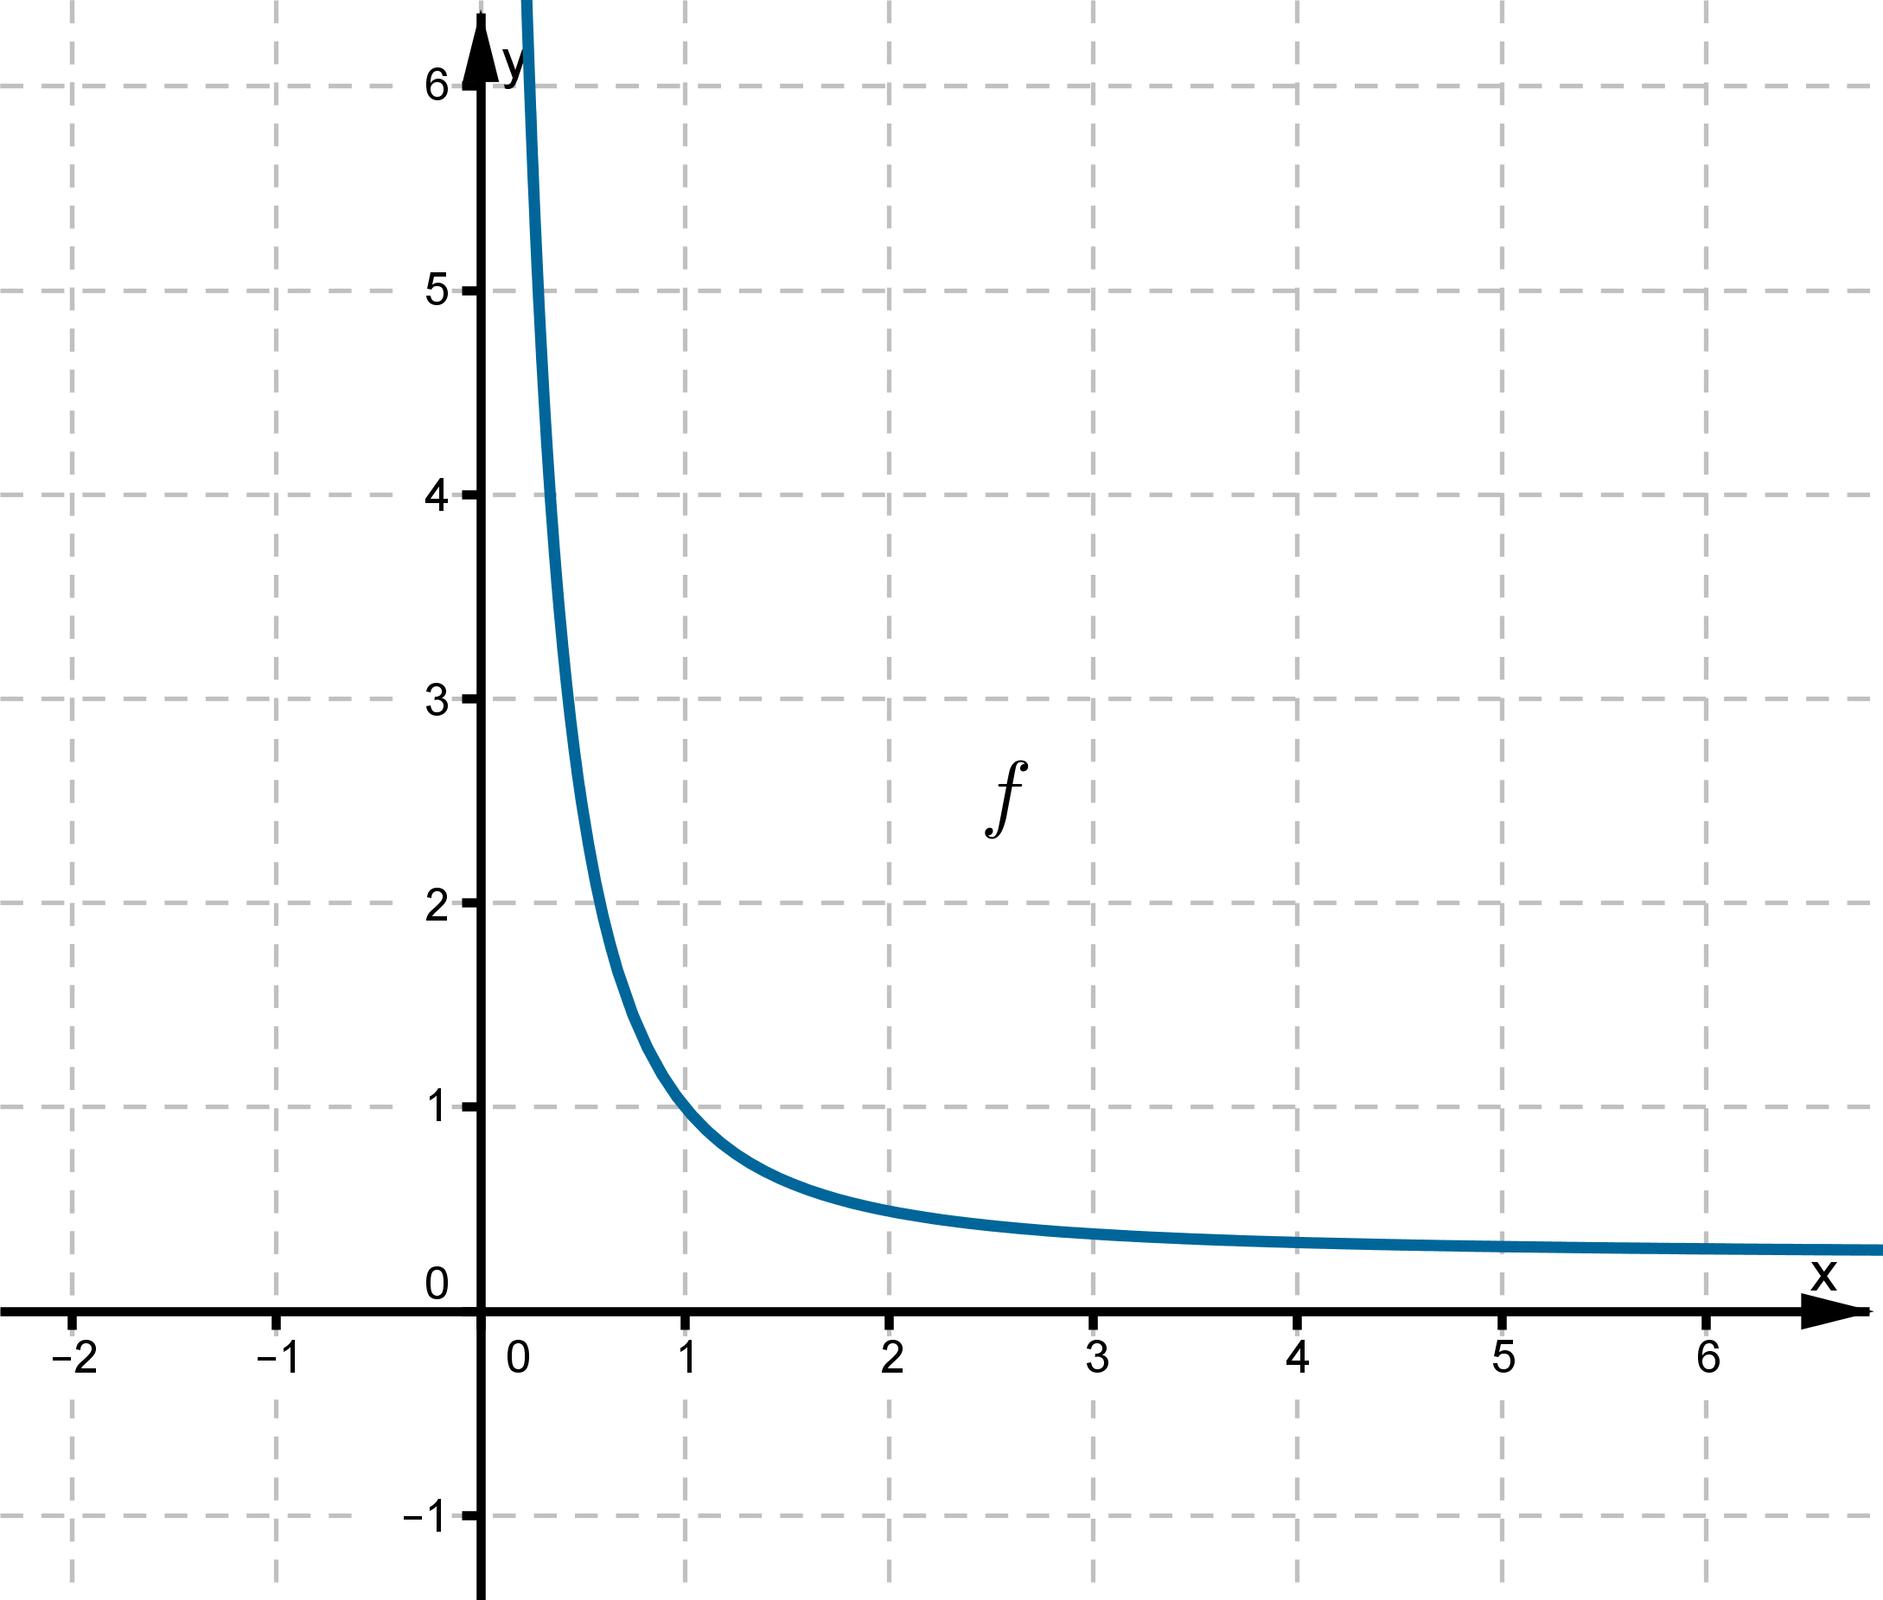 Wykres funkcji wpostaci krzywej leżącej wpierwszej ćwiartce układu współrzędnych. Dla każdego punktu należącego do krzywej wraz ze wzrostem argumentów maleje wartość funkcji.